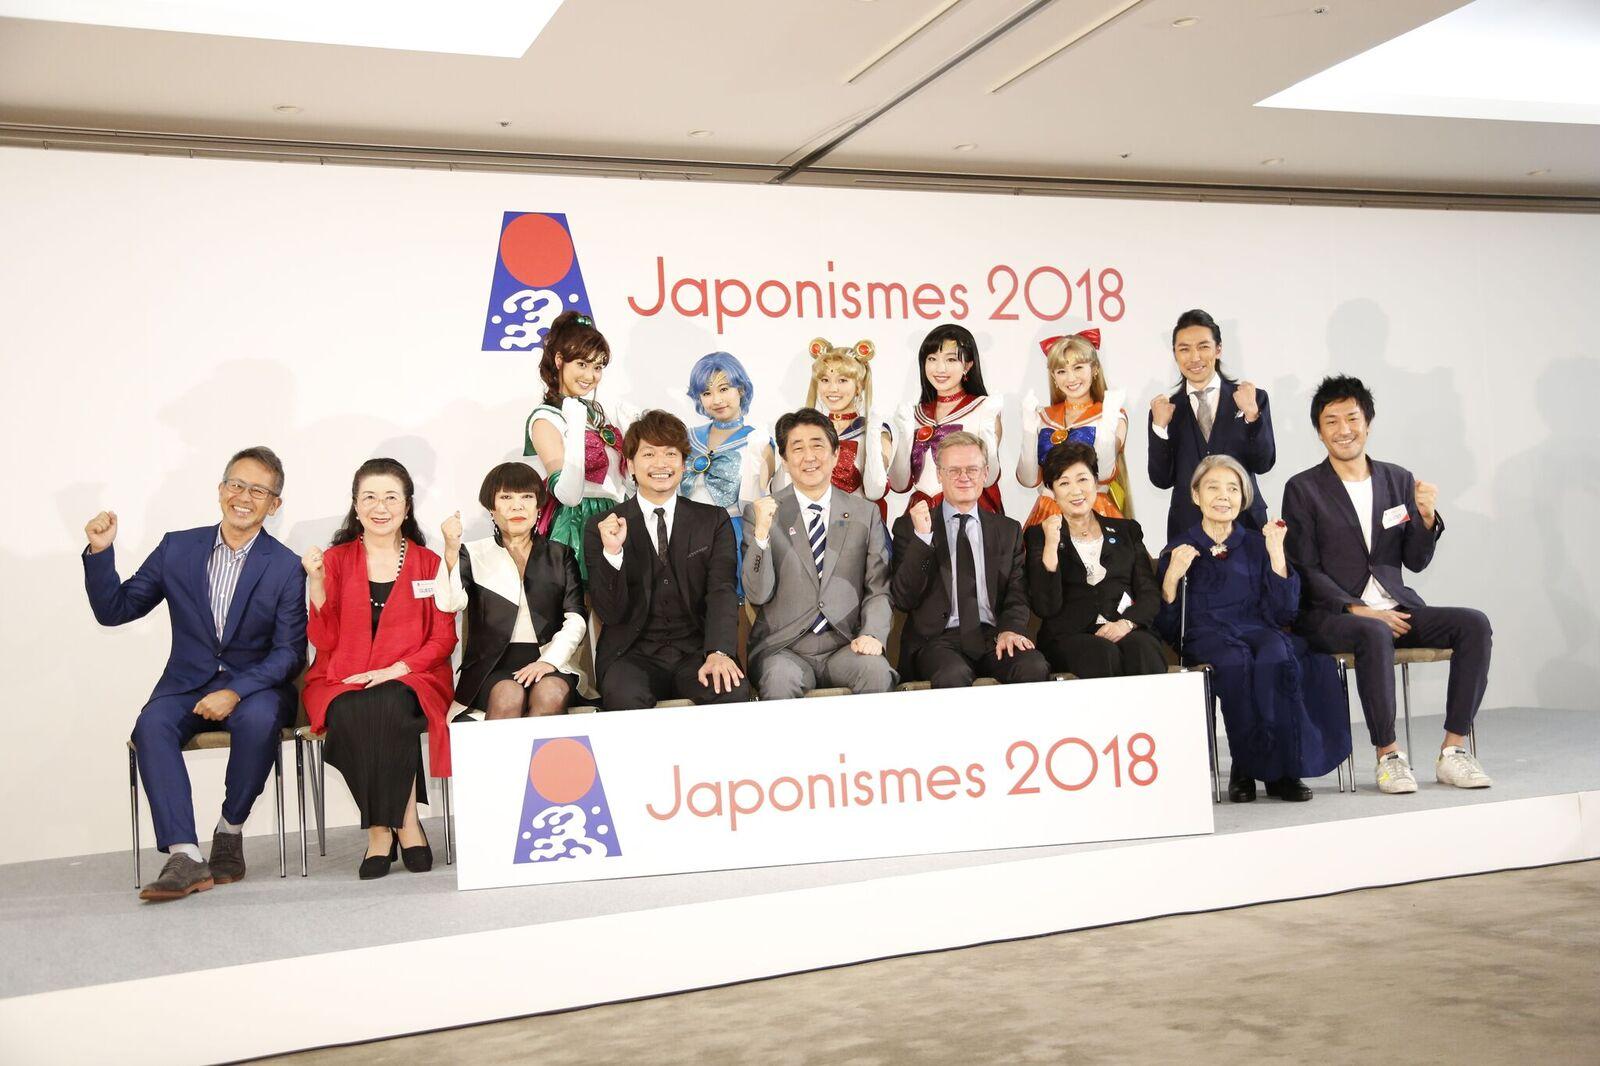 Pré-lancement de Japonismes 2018 à Tokyo 2